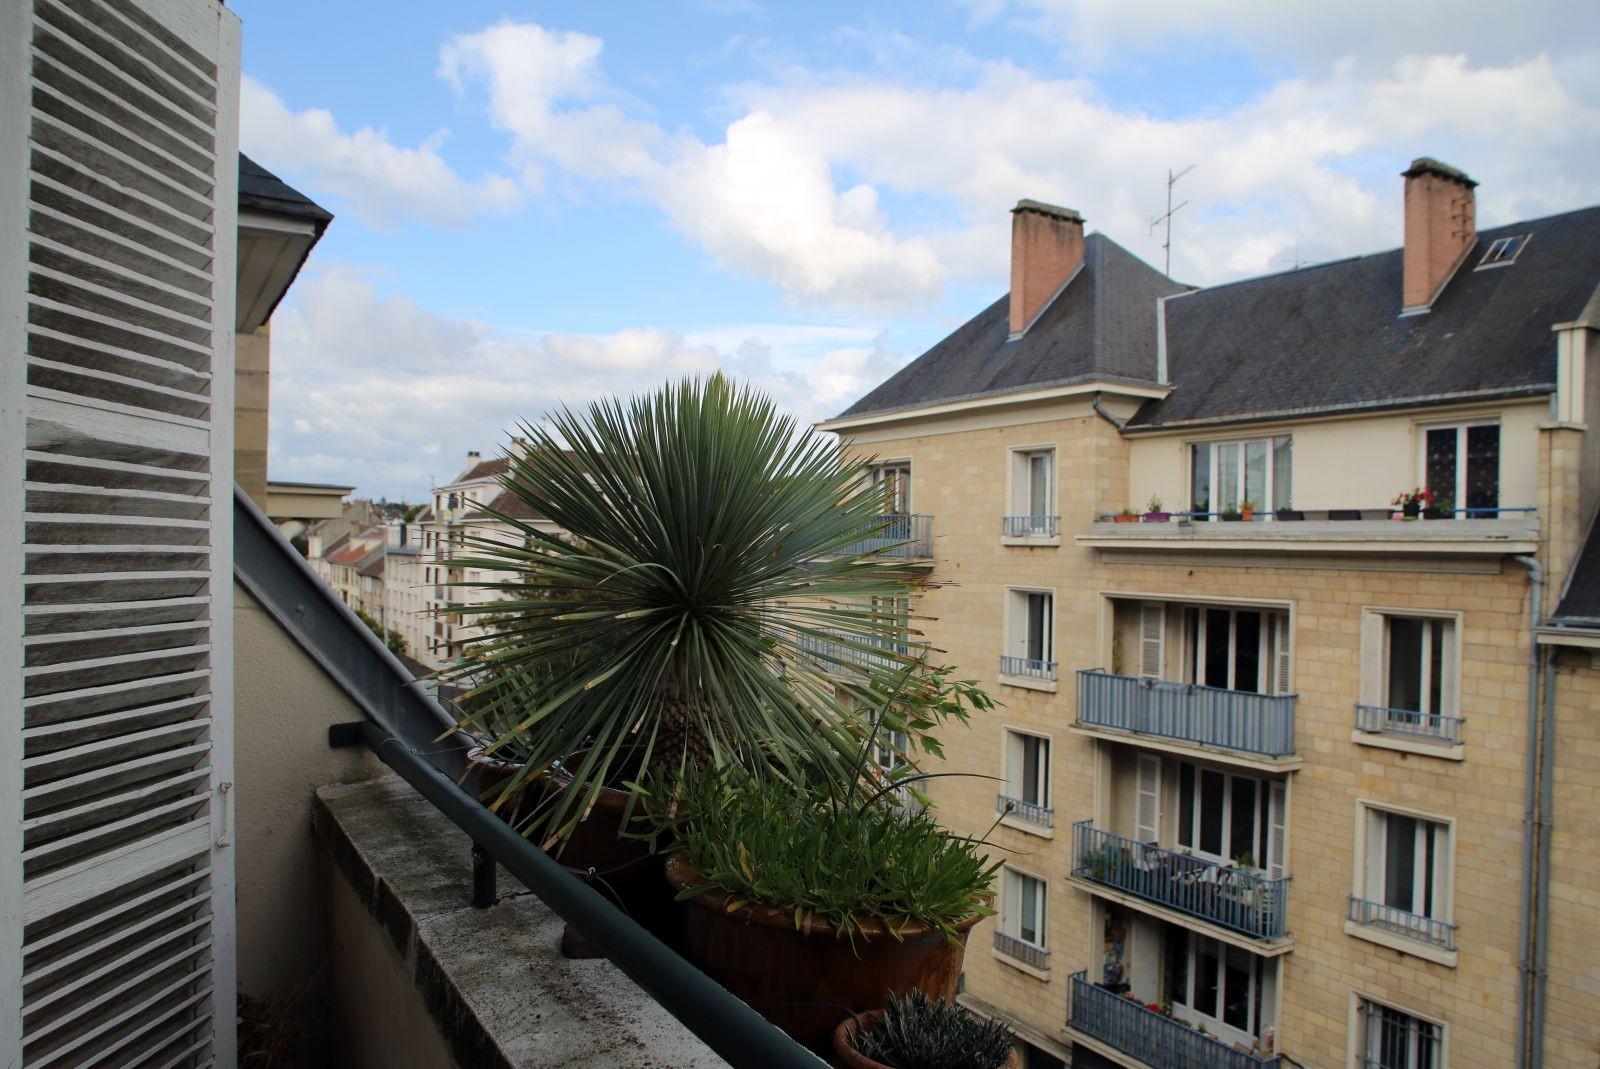 Façades en pierre calcaire, Ali Tur architecte (Caen). ©Élisabeth Blanchet